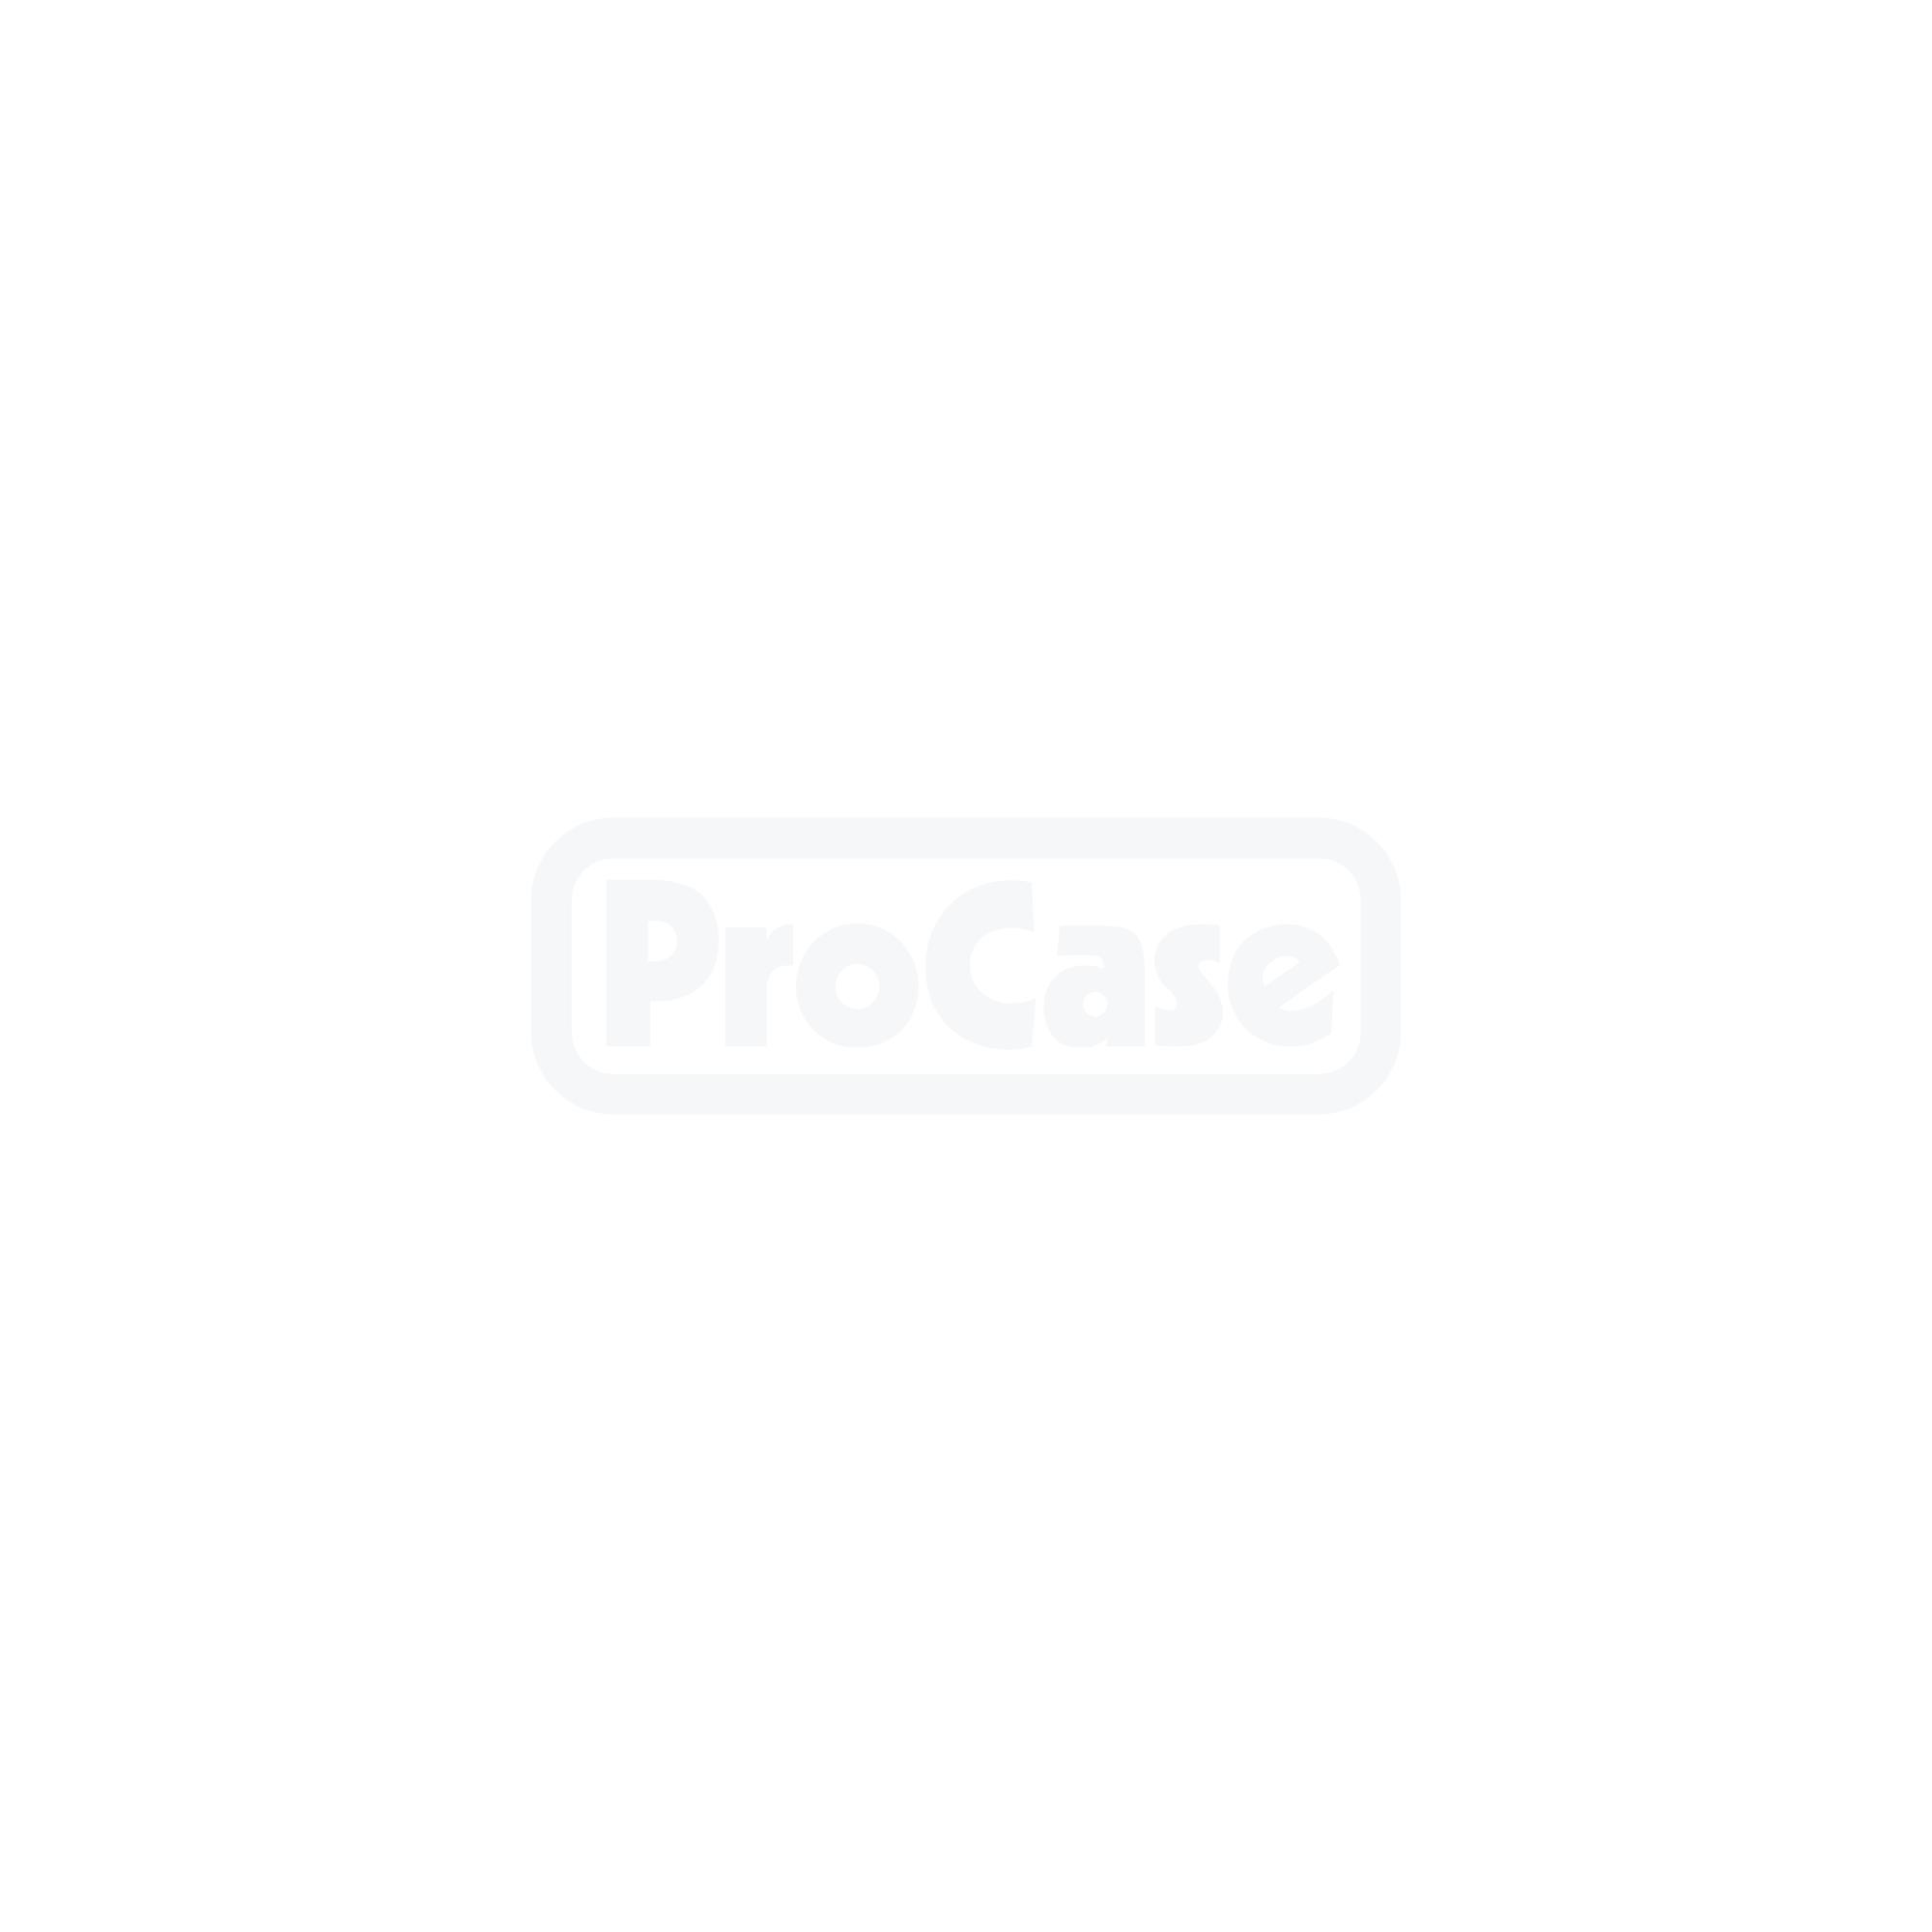 B-Ware Einsatzkasten für Truss-Verbinder (80x)